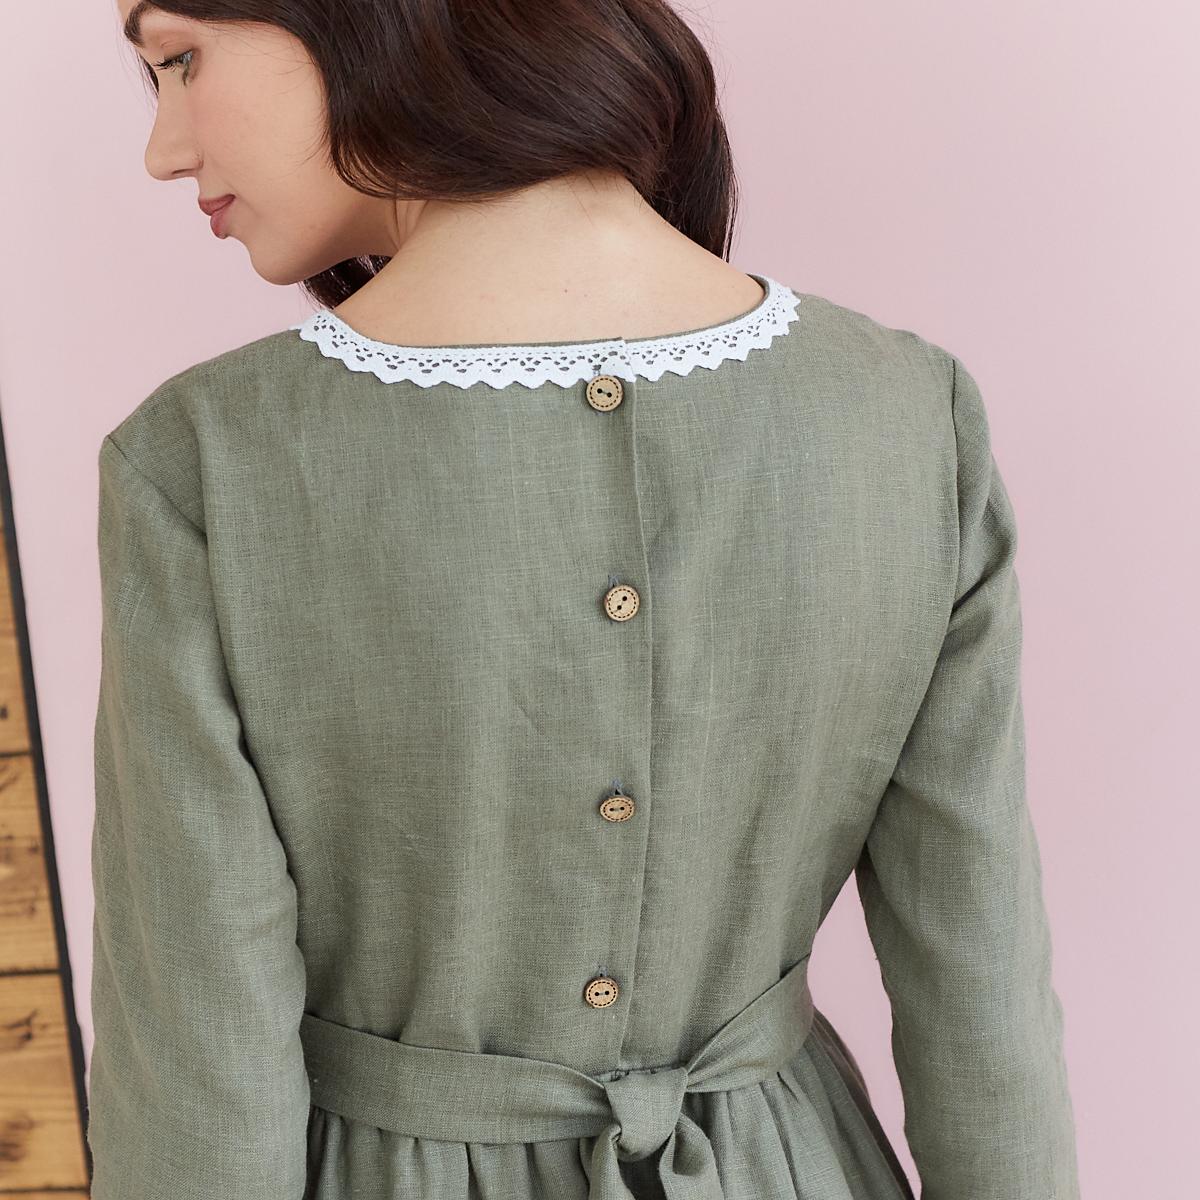 Платье женское льняное с хлопковым кружевом оливкового цвета - фото 5